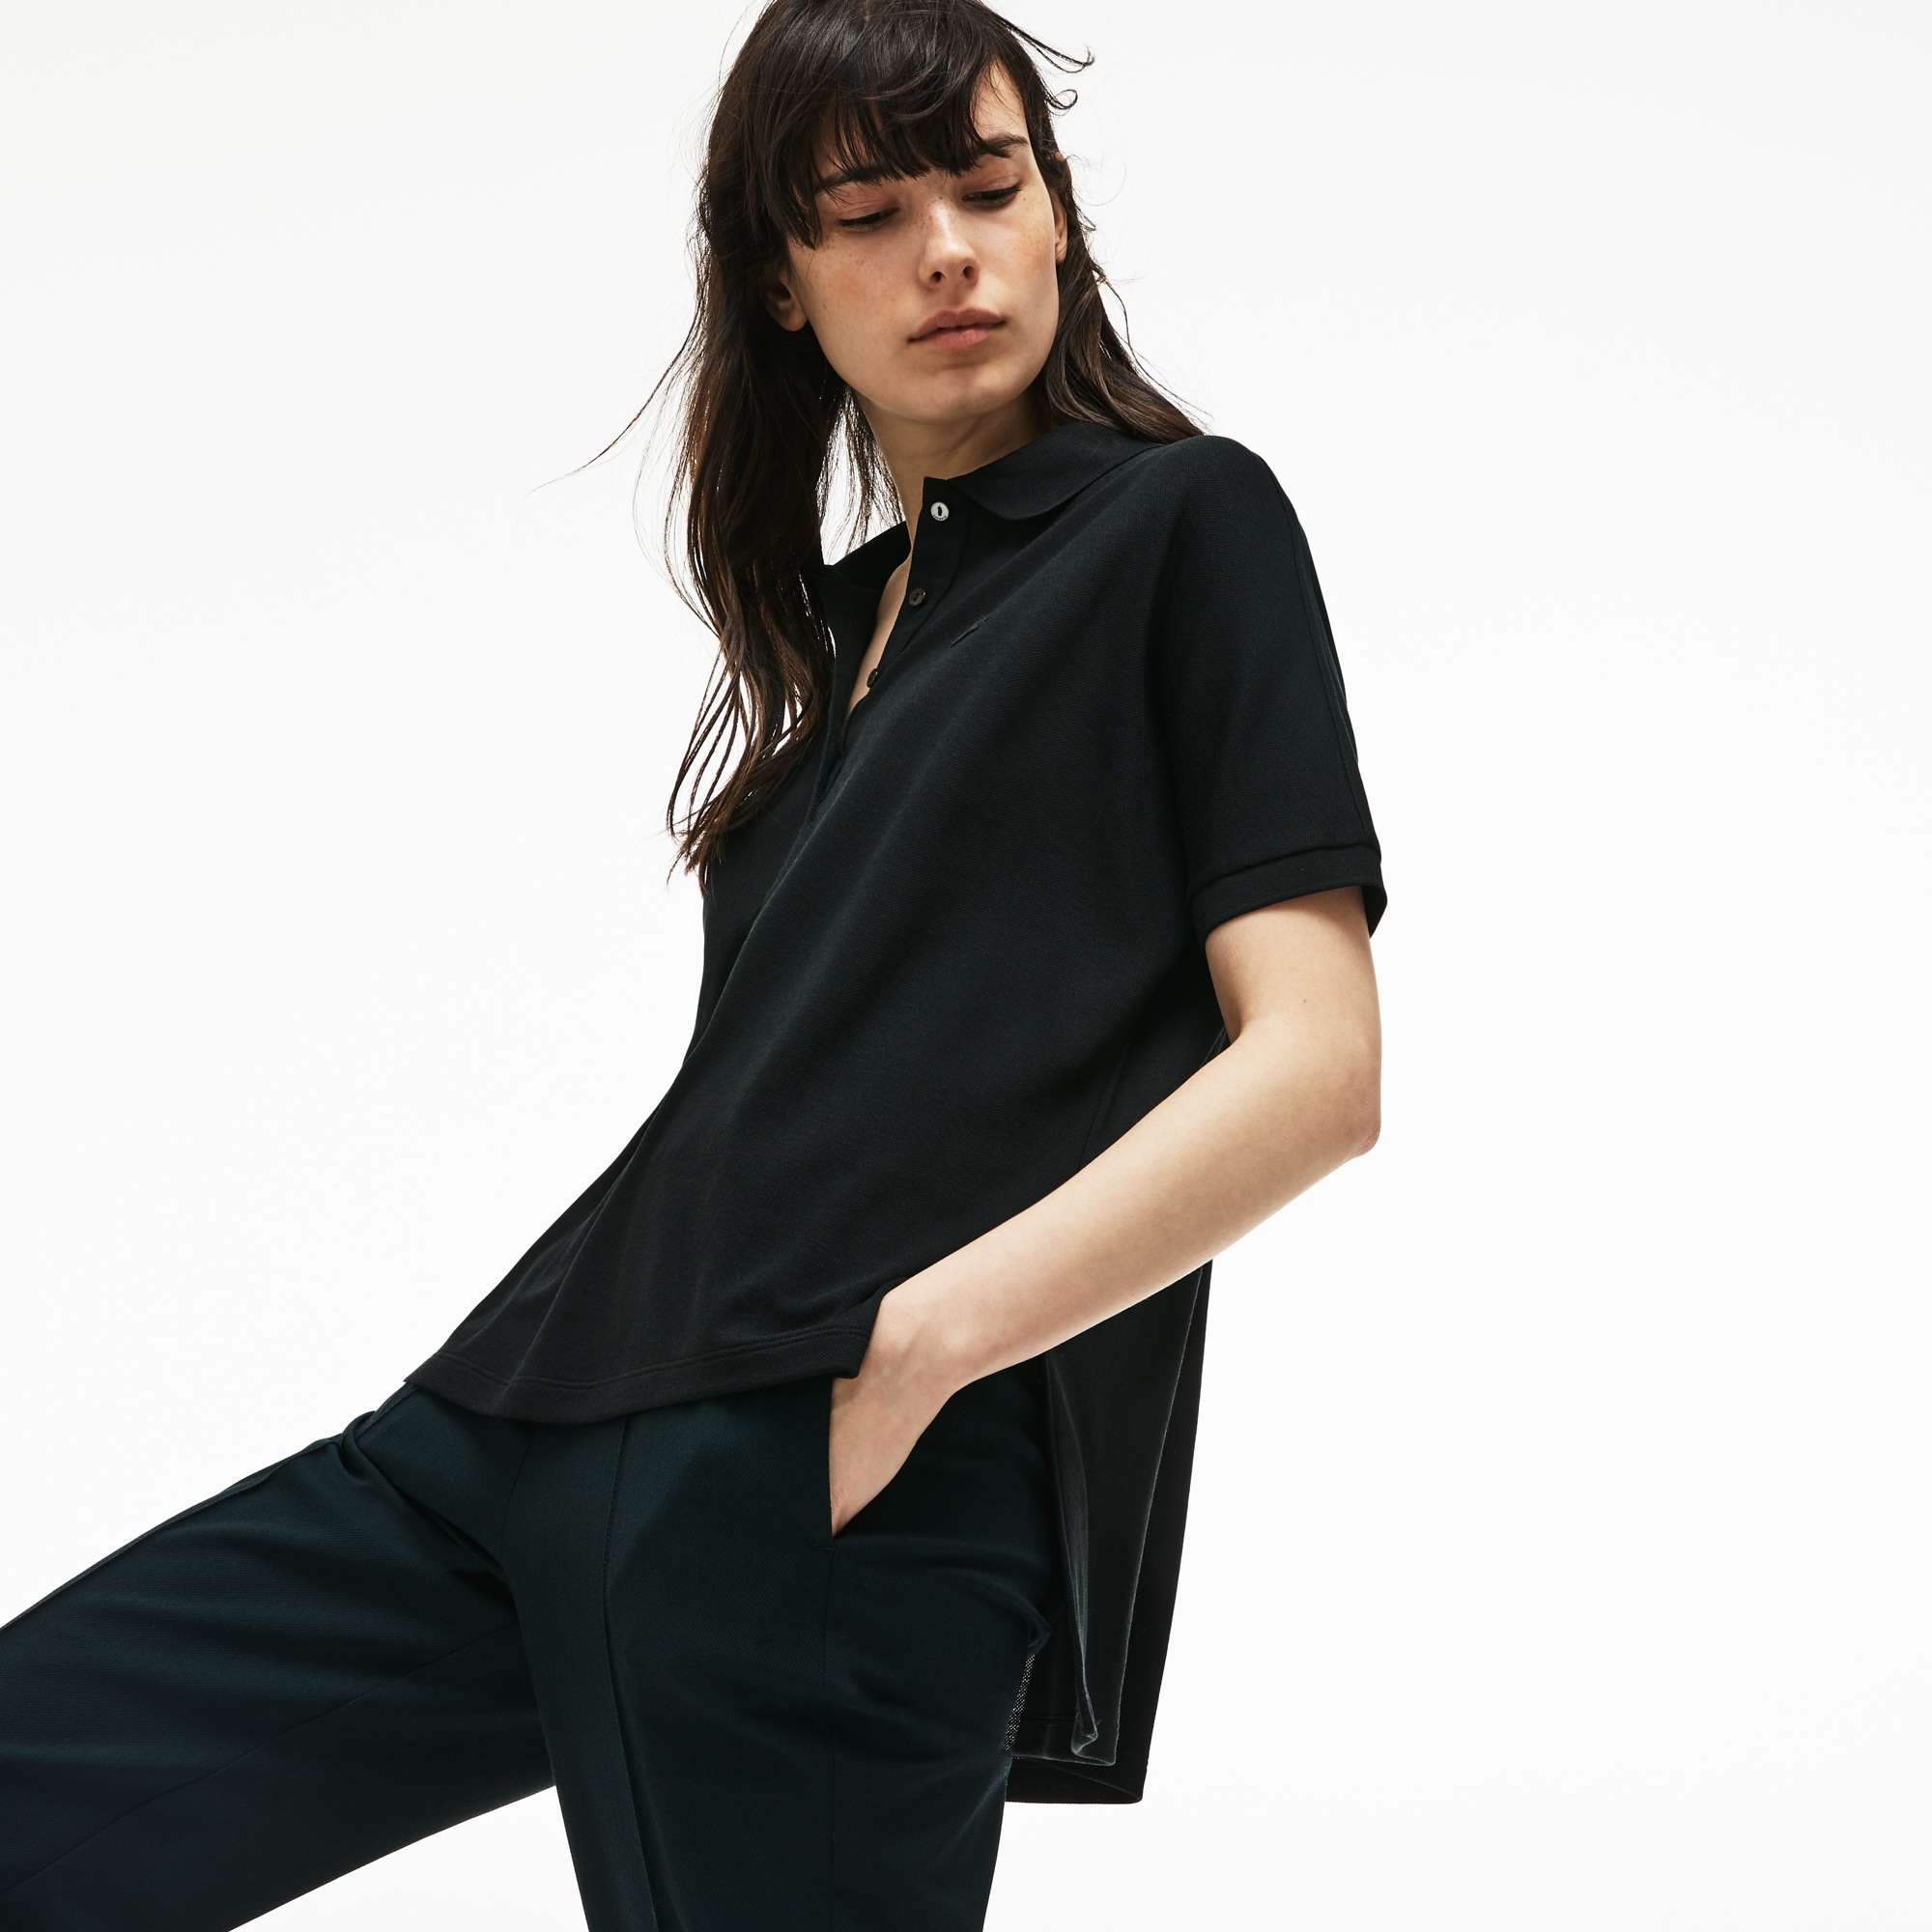 Damen LACOSTE Boxy Fit Poloshirt aus Baumwoll-Piqué mit Stretch